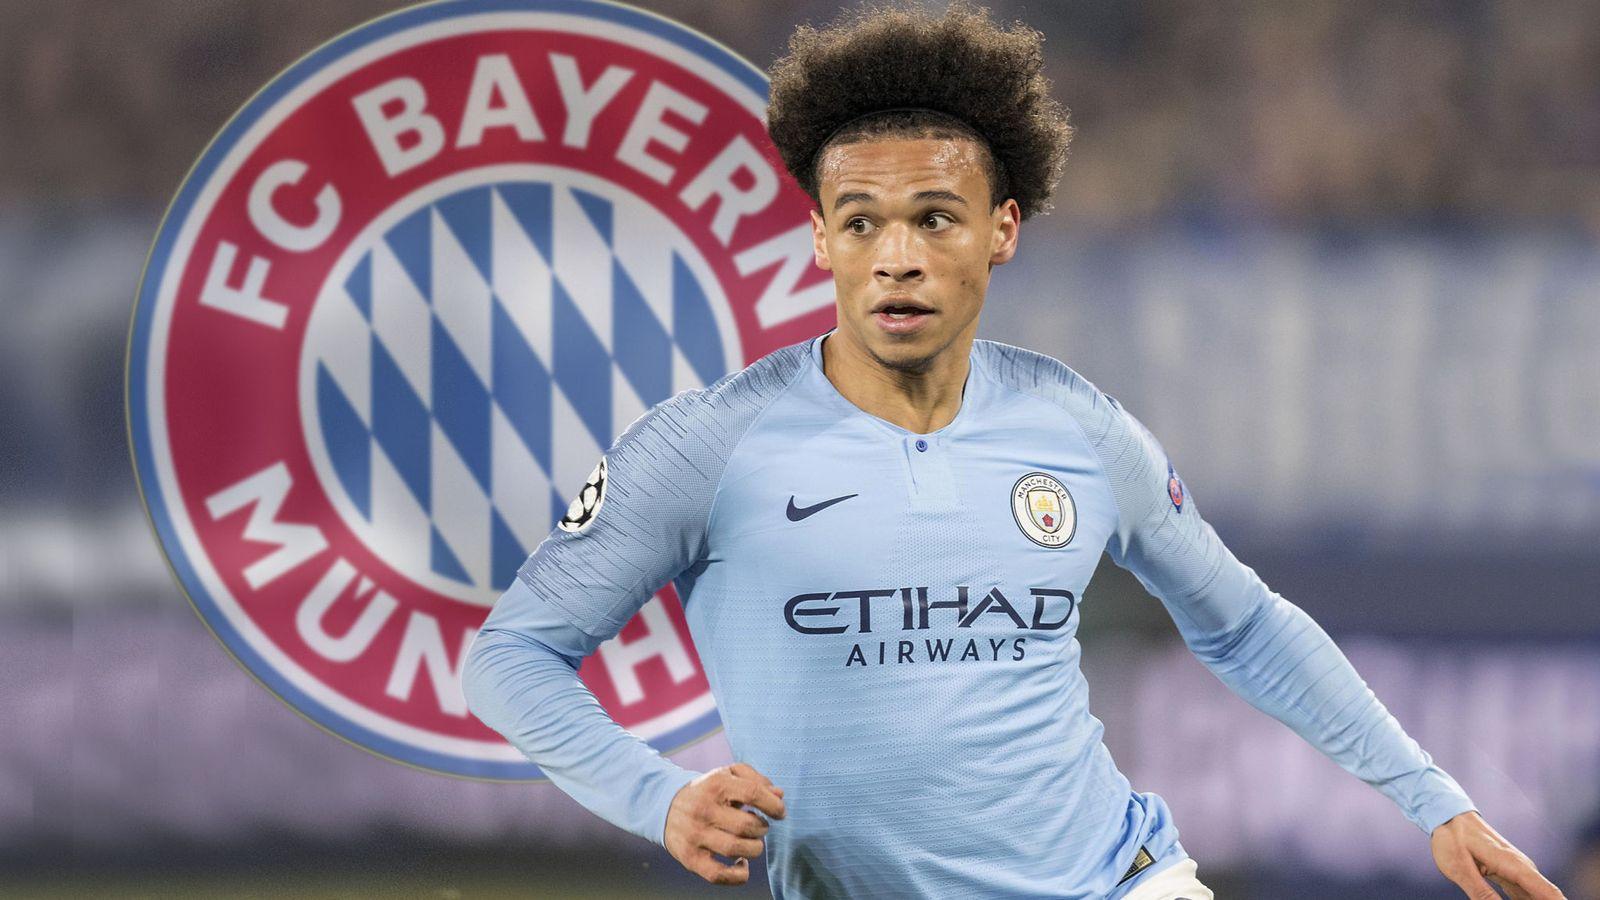 德国天空体育:拜仁与萨内达成一致,年薪1800万欧